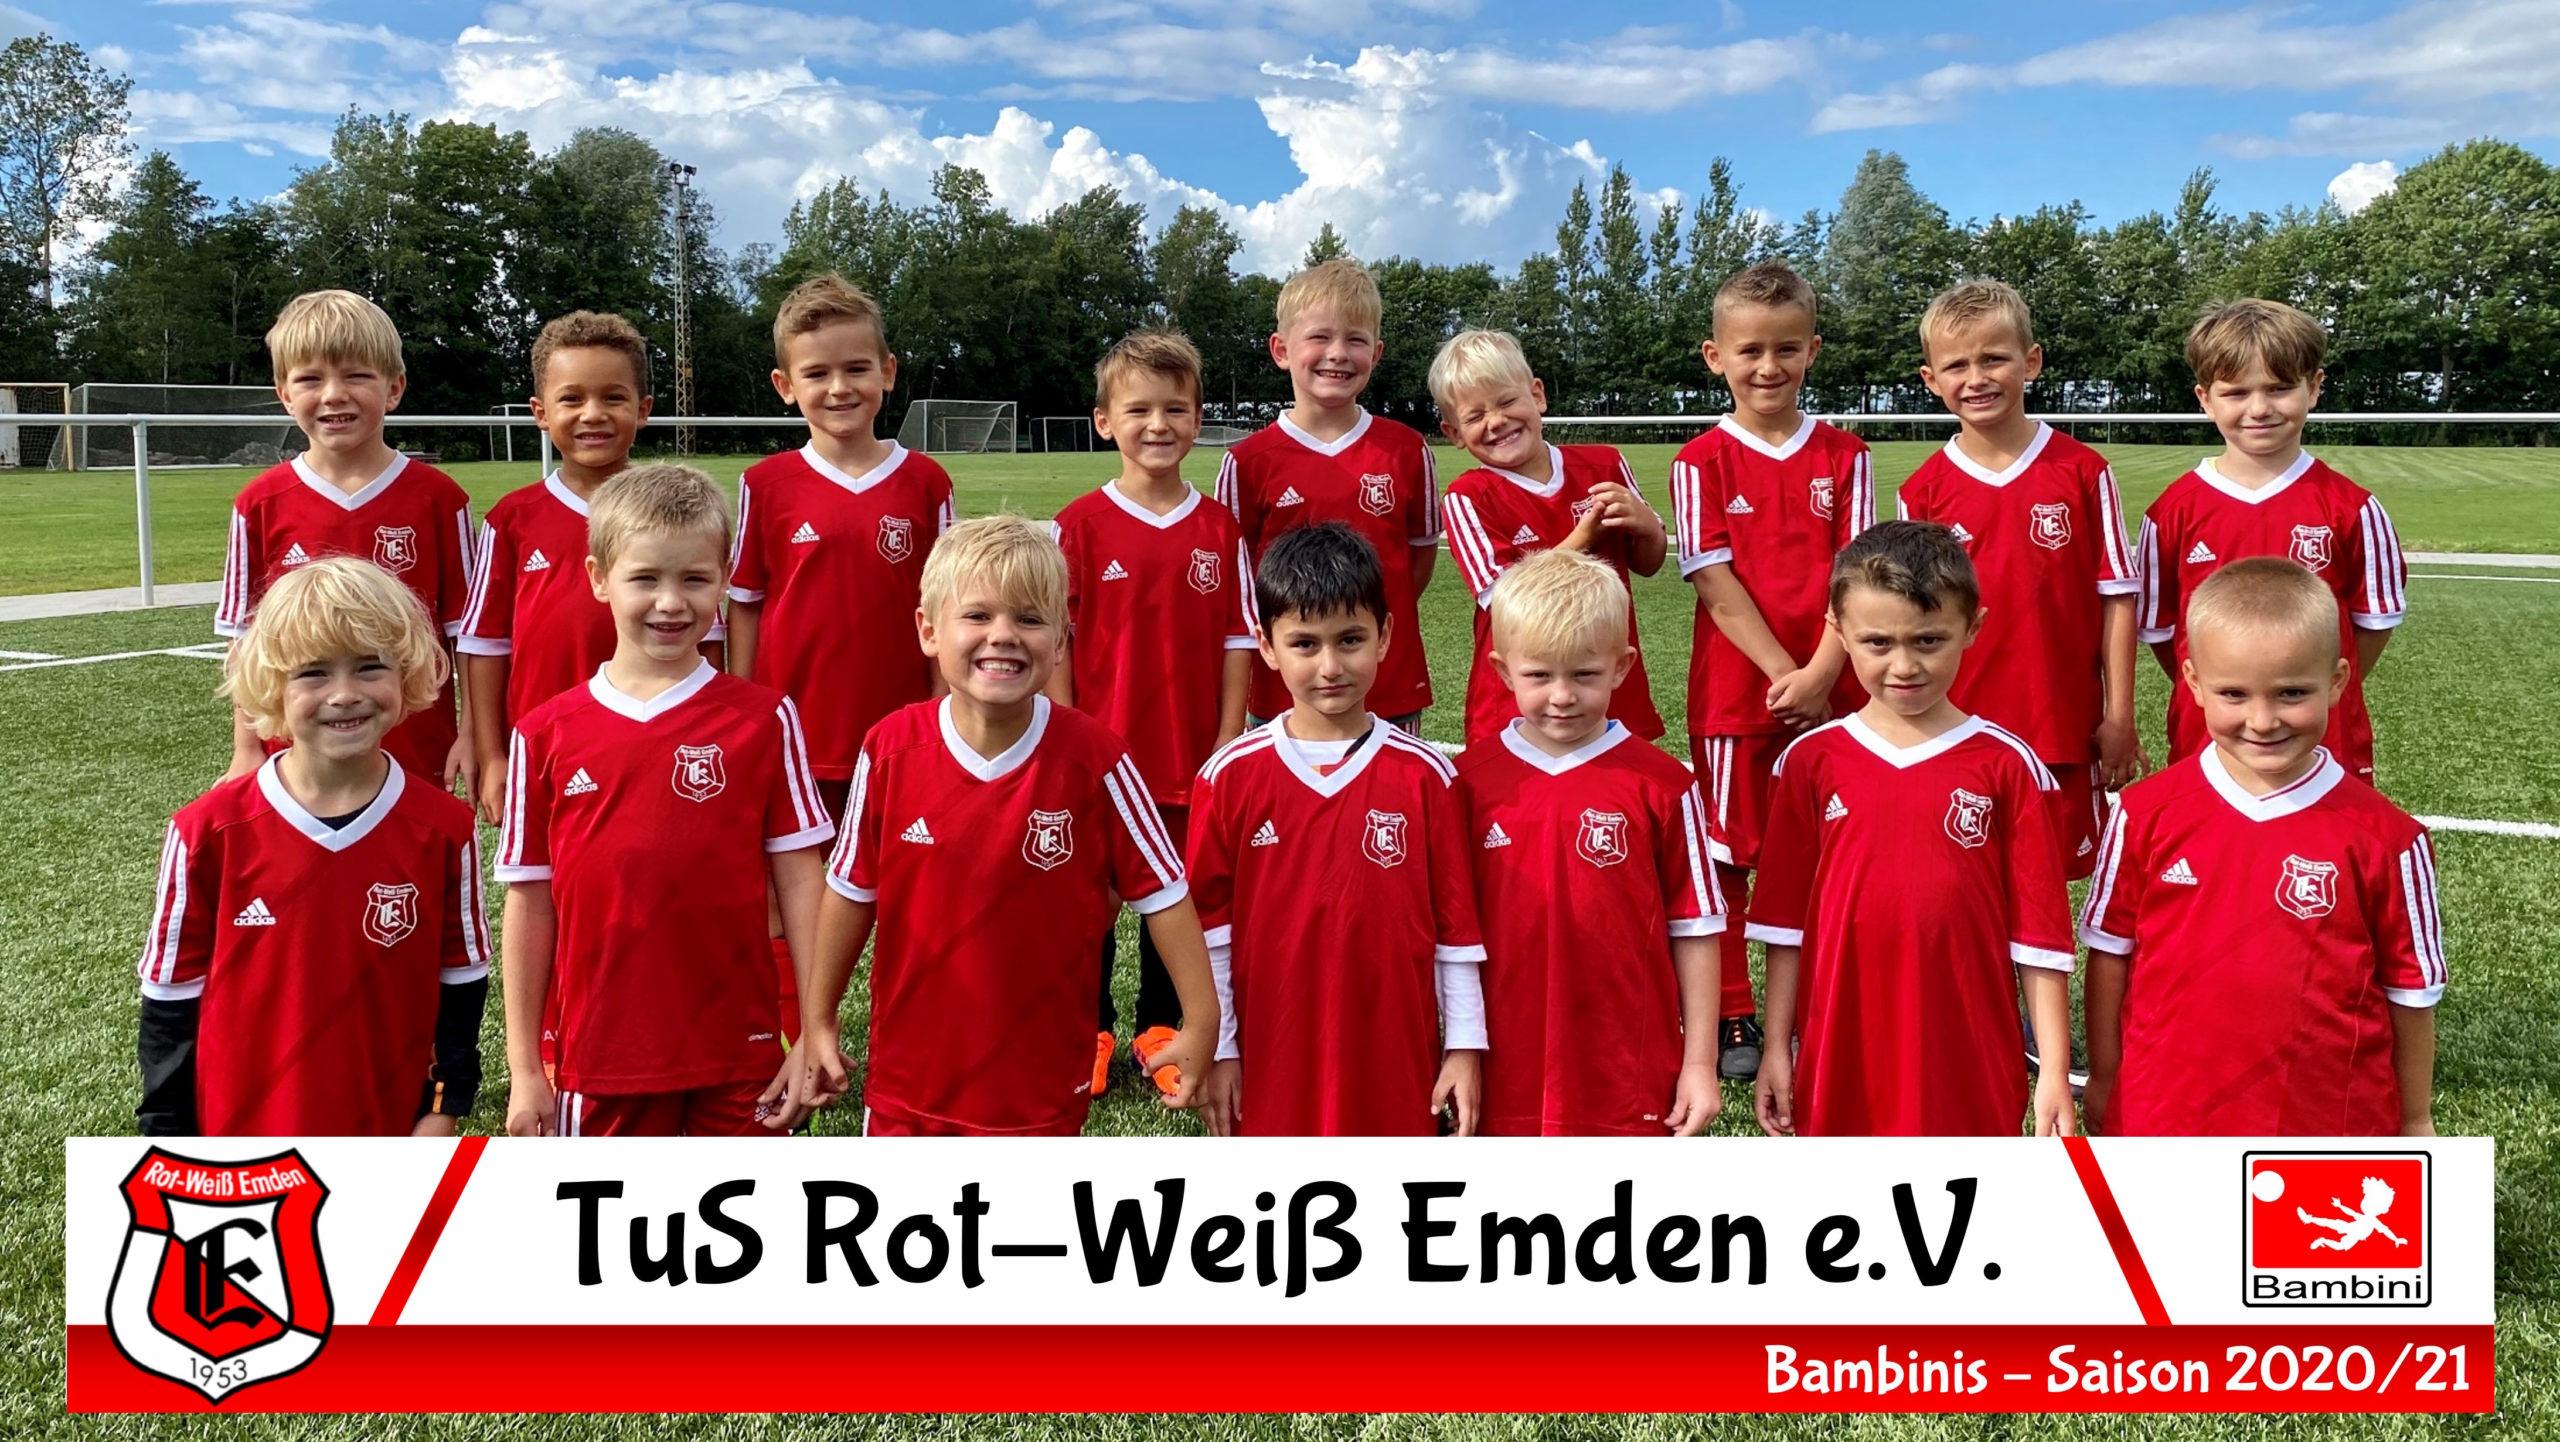 TuS Rot-Weiß Emden G-Junioren Saison 20/21